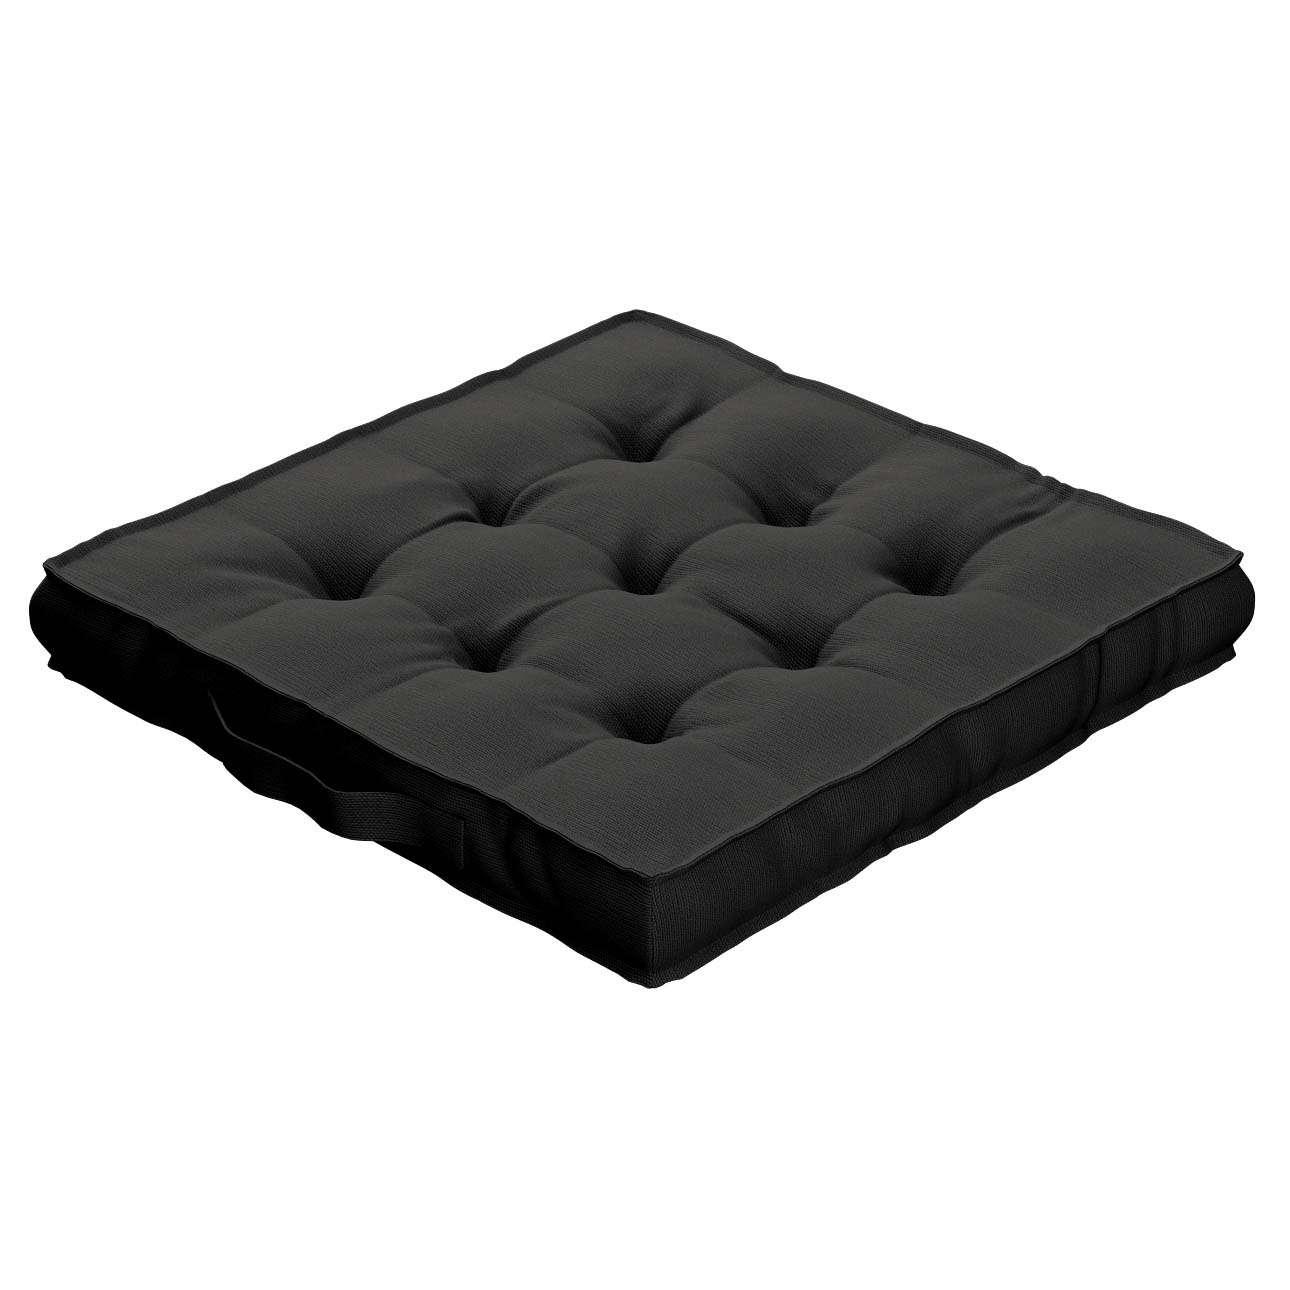 Pagalvėlė Kuba kėdei/ant grindų 40 x 40 x 6 cm kolekcijoje Cotton Panama, audinys: 702-08